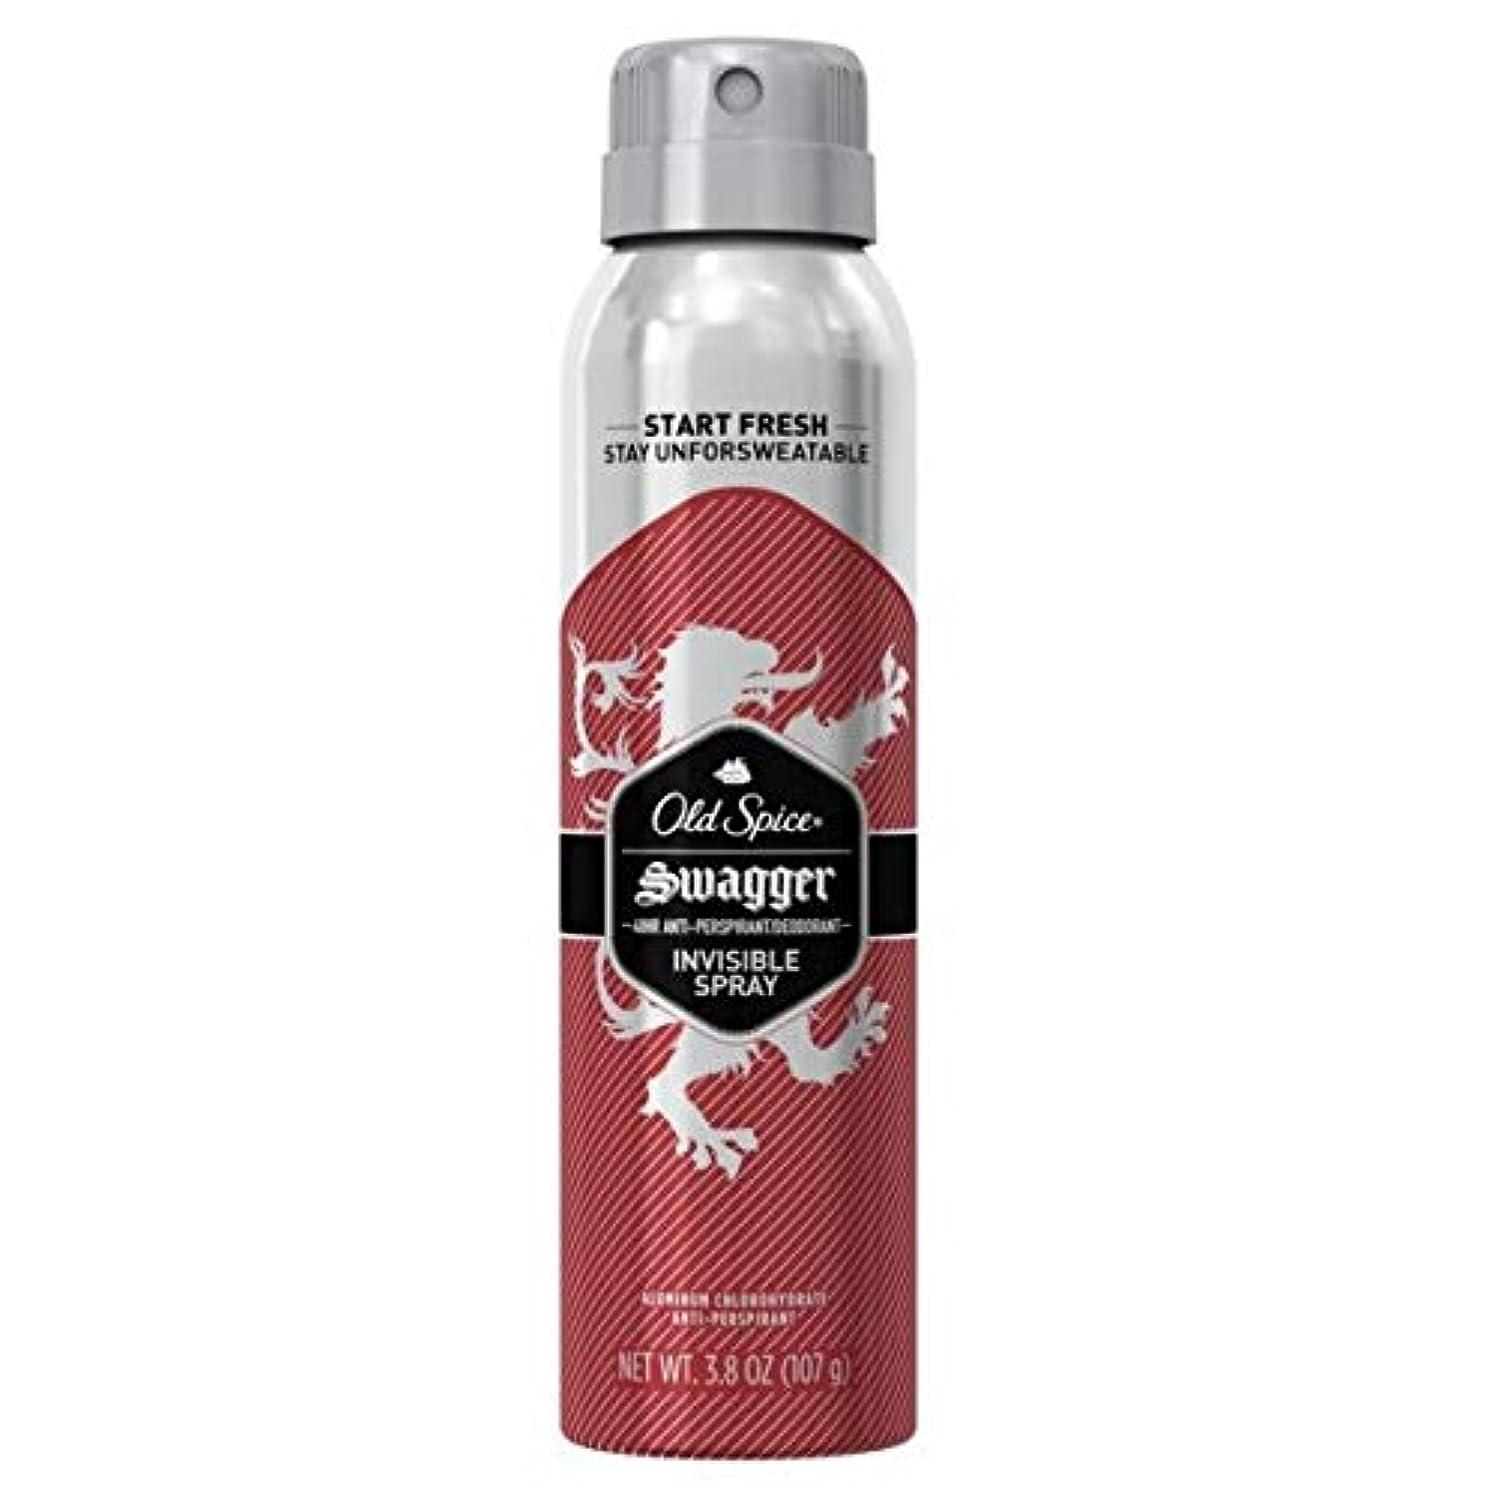 未知の伸ばすシエスタOld Spice Swagger Invisible Spray Antiperspirant and Deodorant - 3.8oz オールドスパイス インビジブルスプレー スワッガー 107g [並行輸入品]